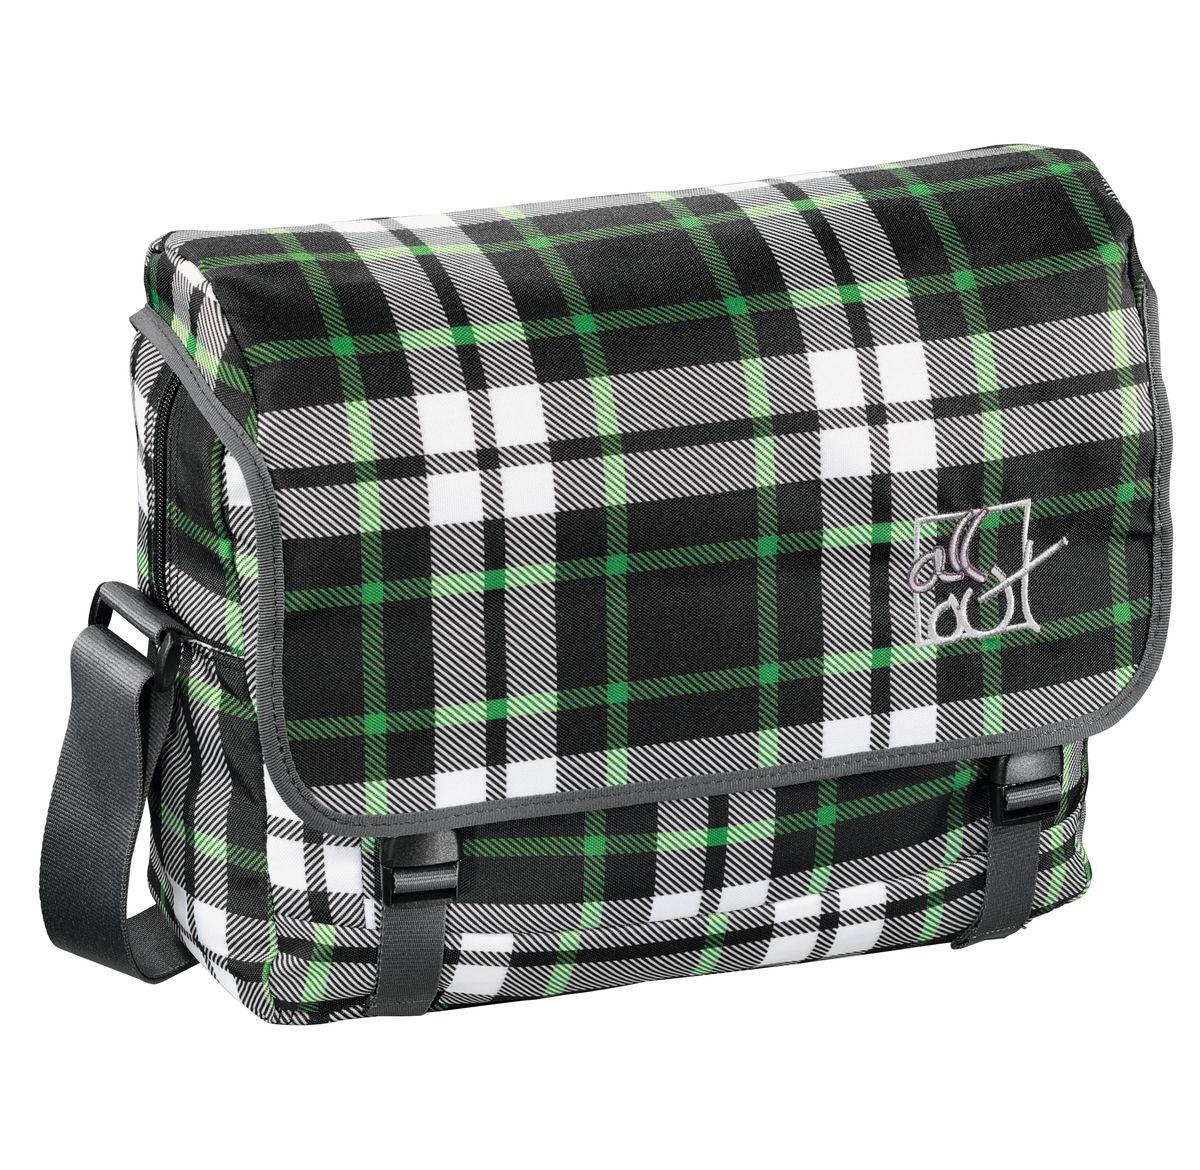 Hama Сумка школьная All Out Barnsley Forest Check серый зеленый черный